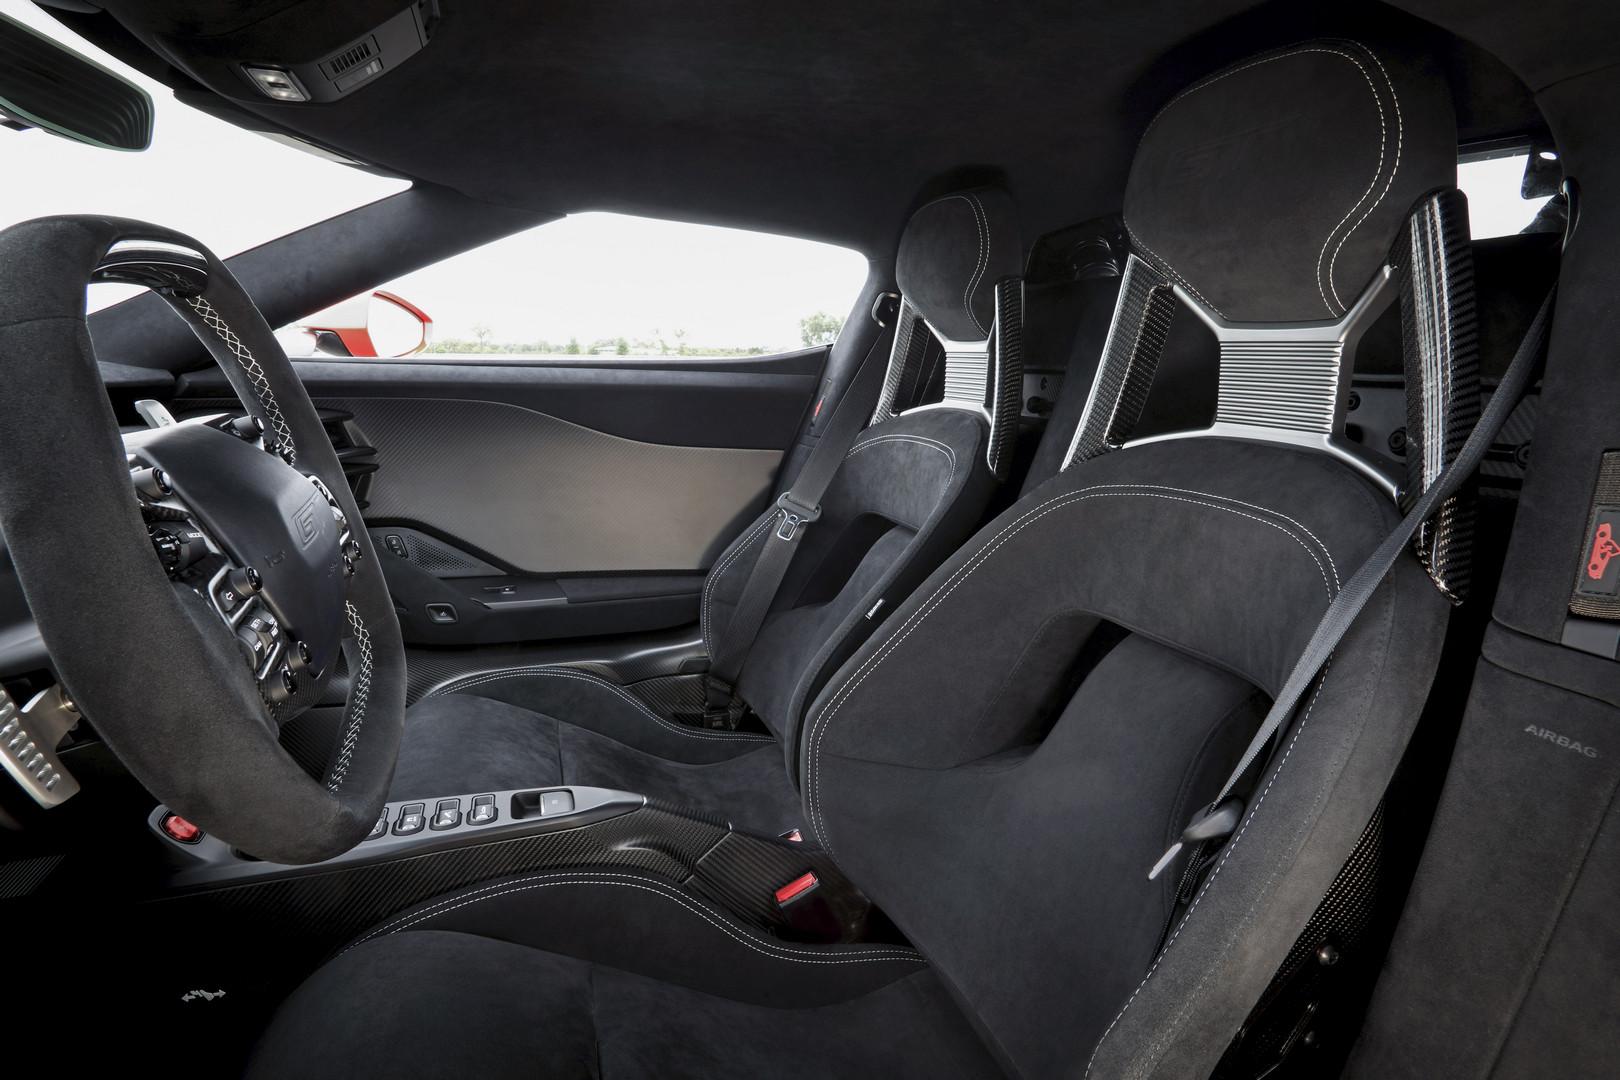 Ford GT был распродан с момента его первого объявления. Тем не менее, Ford объявил несколько недель назад, что планирует произвести еще 350 экземпляров, помимо 1000, которые уже были распроданы. Те, кто уже находится в очереди на получение Ford GT, и